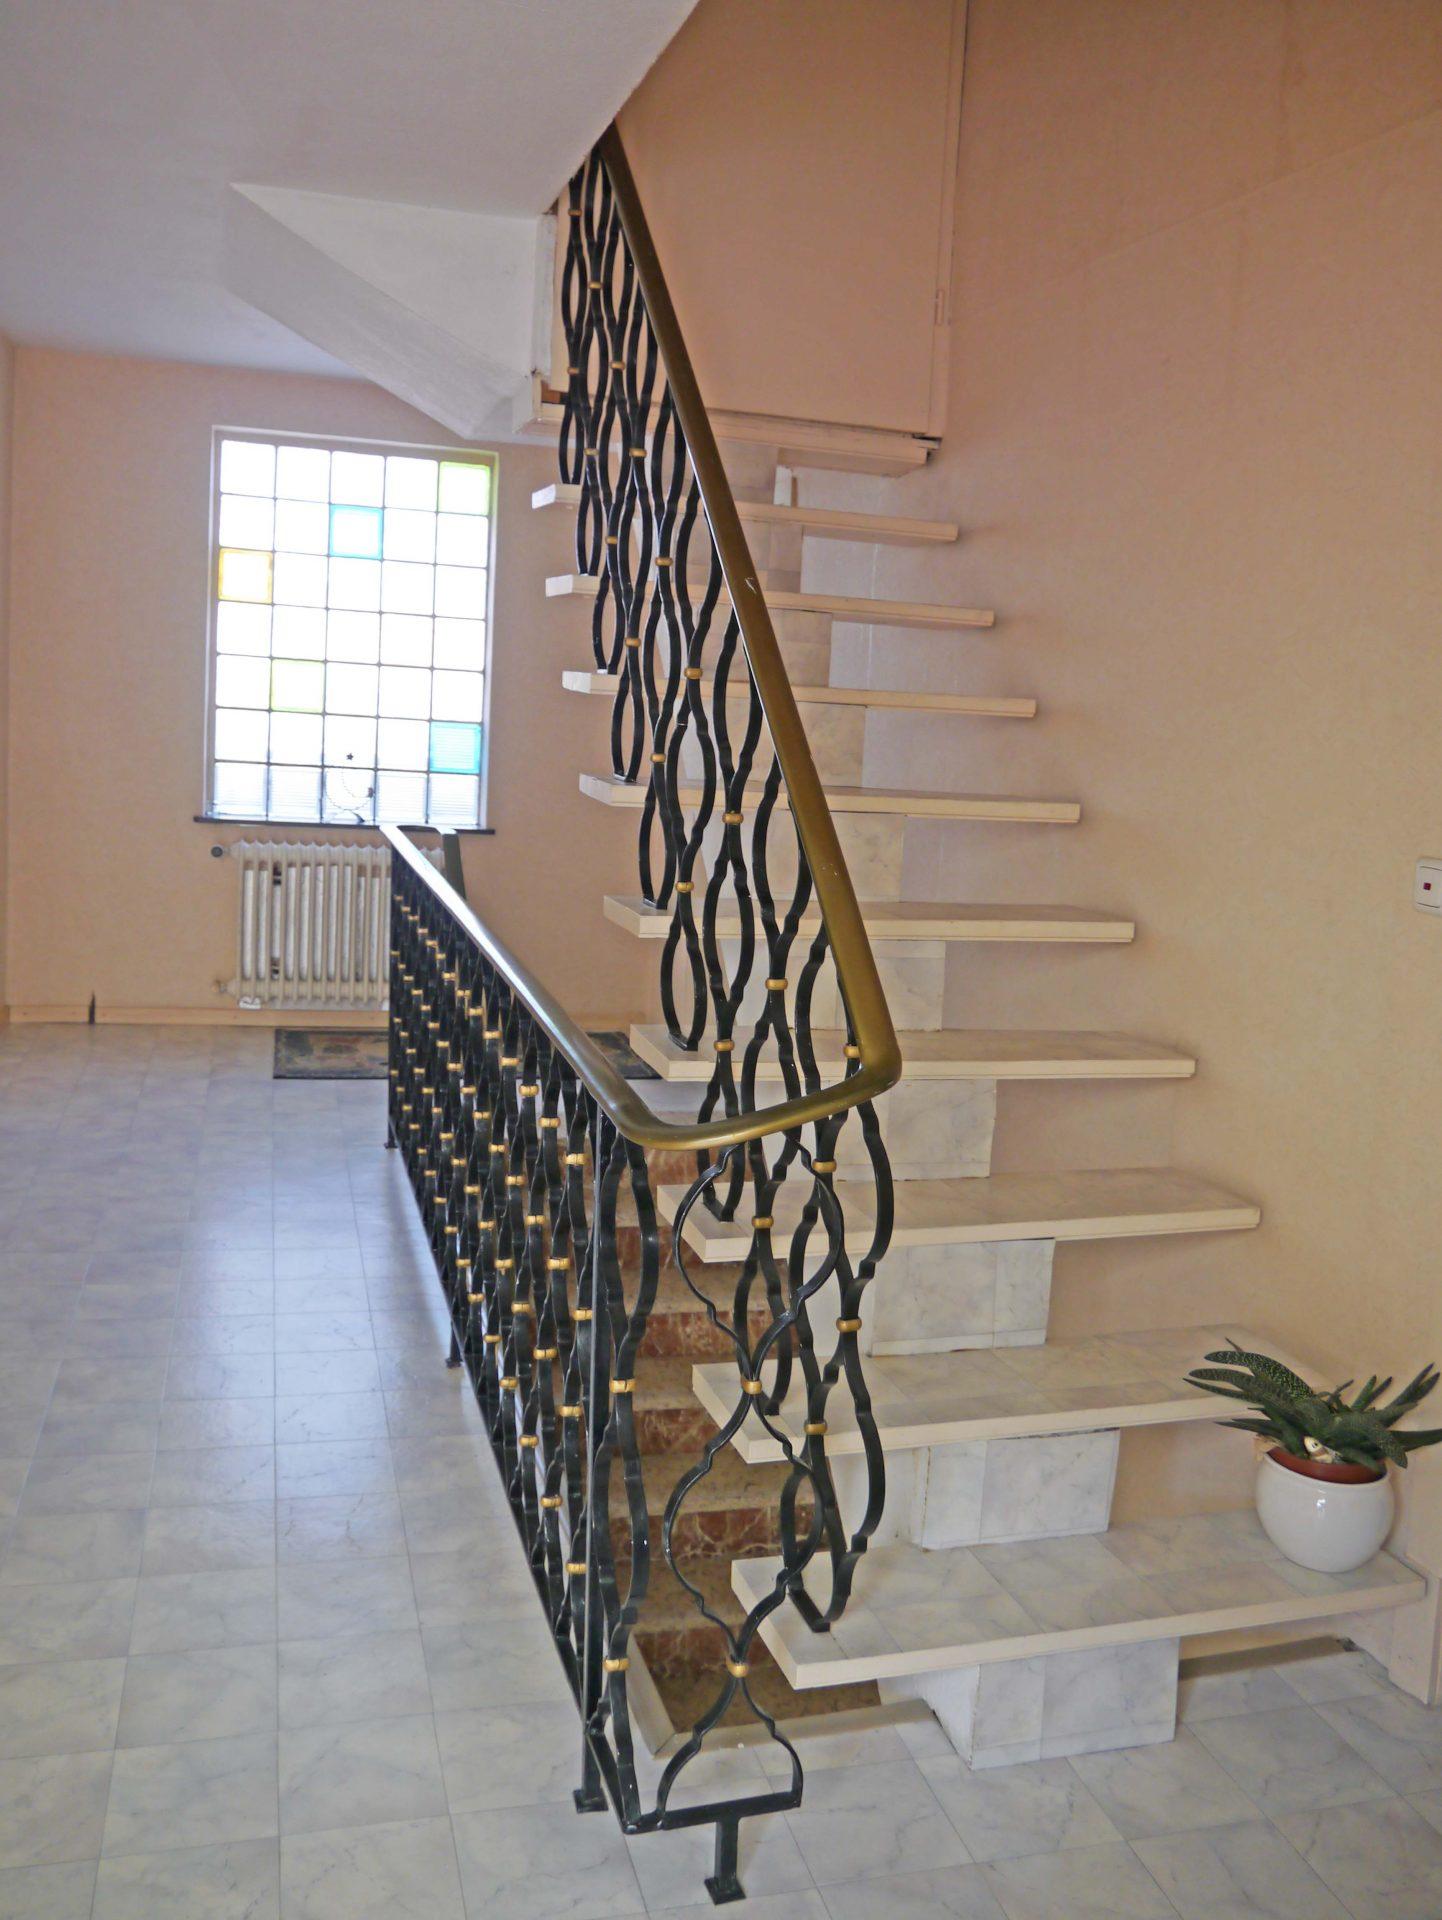 juras immobilien mainz treppe zum dachboden. Black Bedroom Furniture Sets. Home Design Ideas